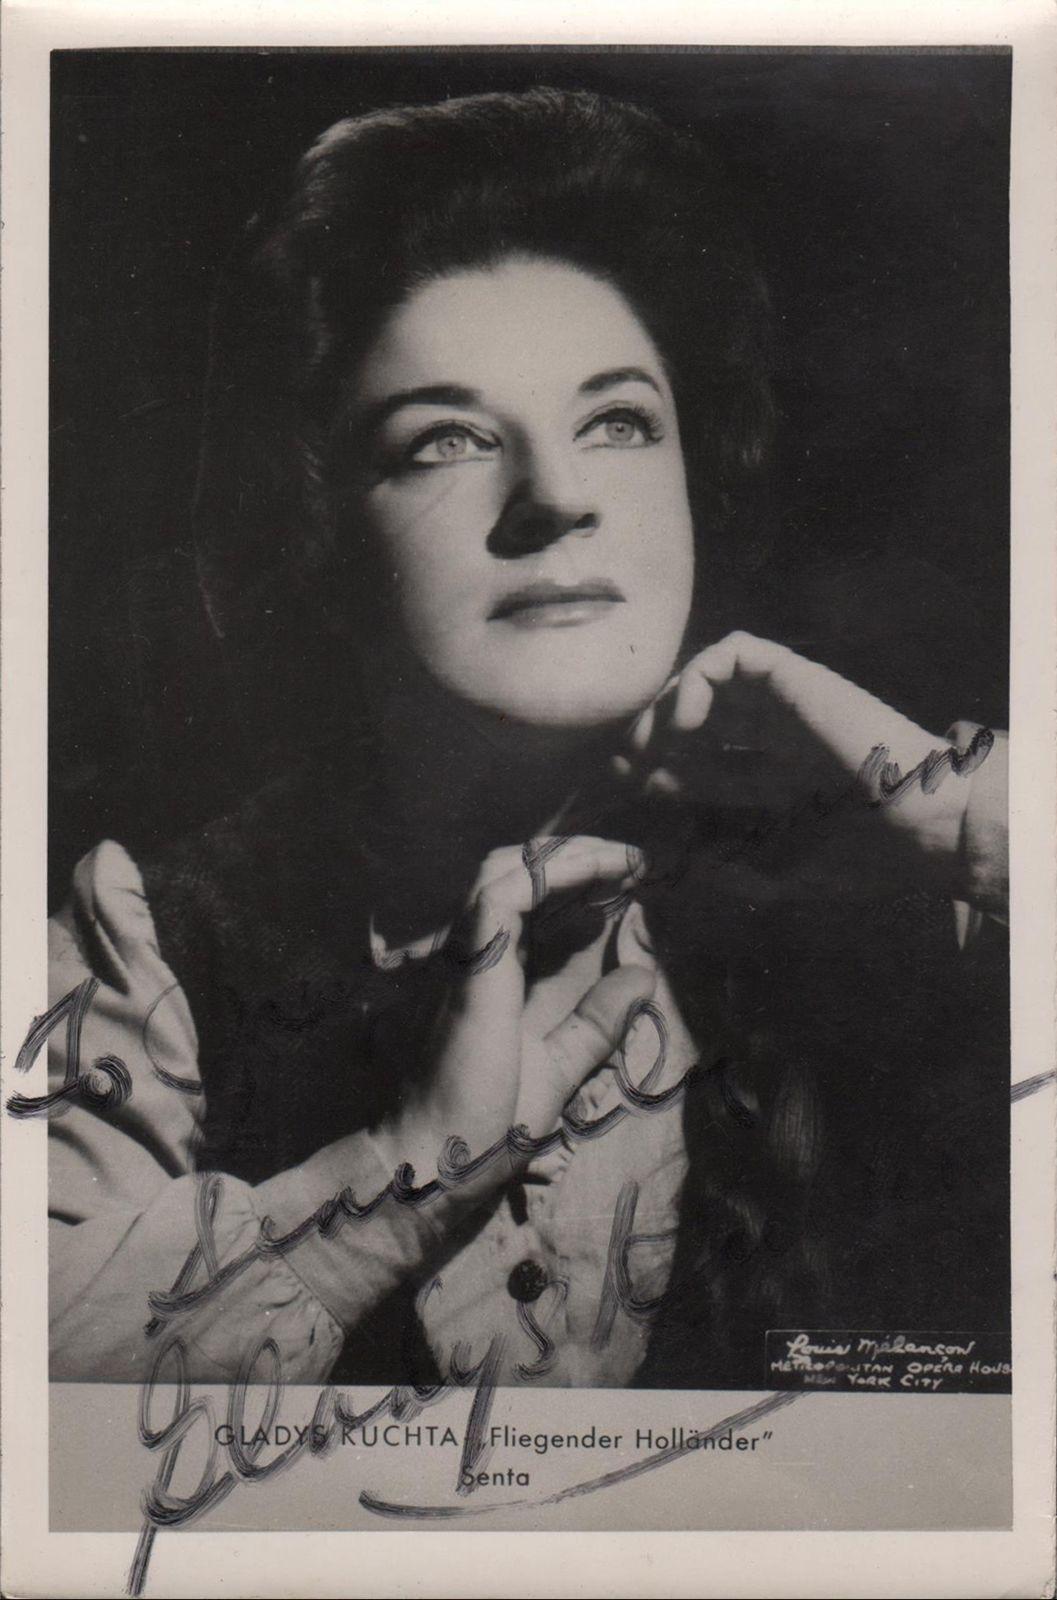 Gladys KUCHTA